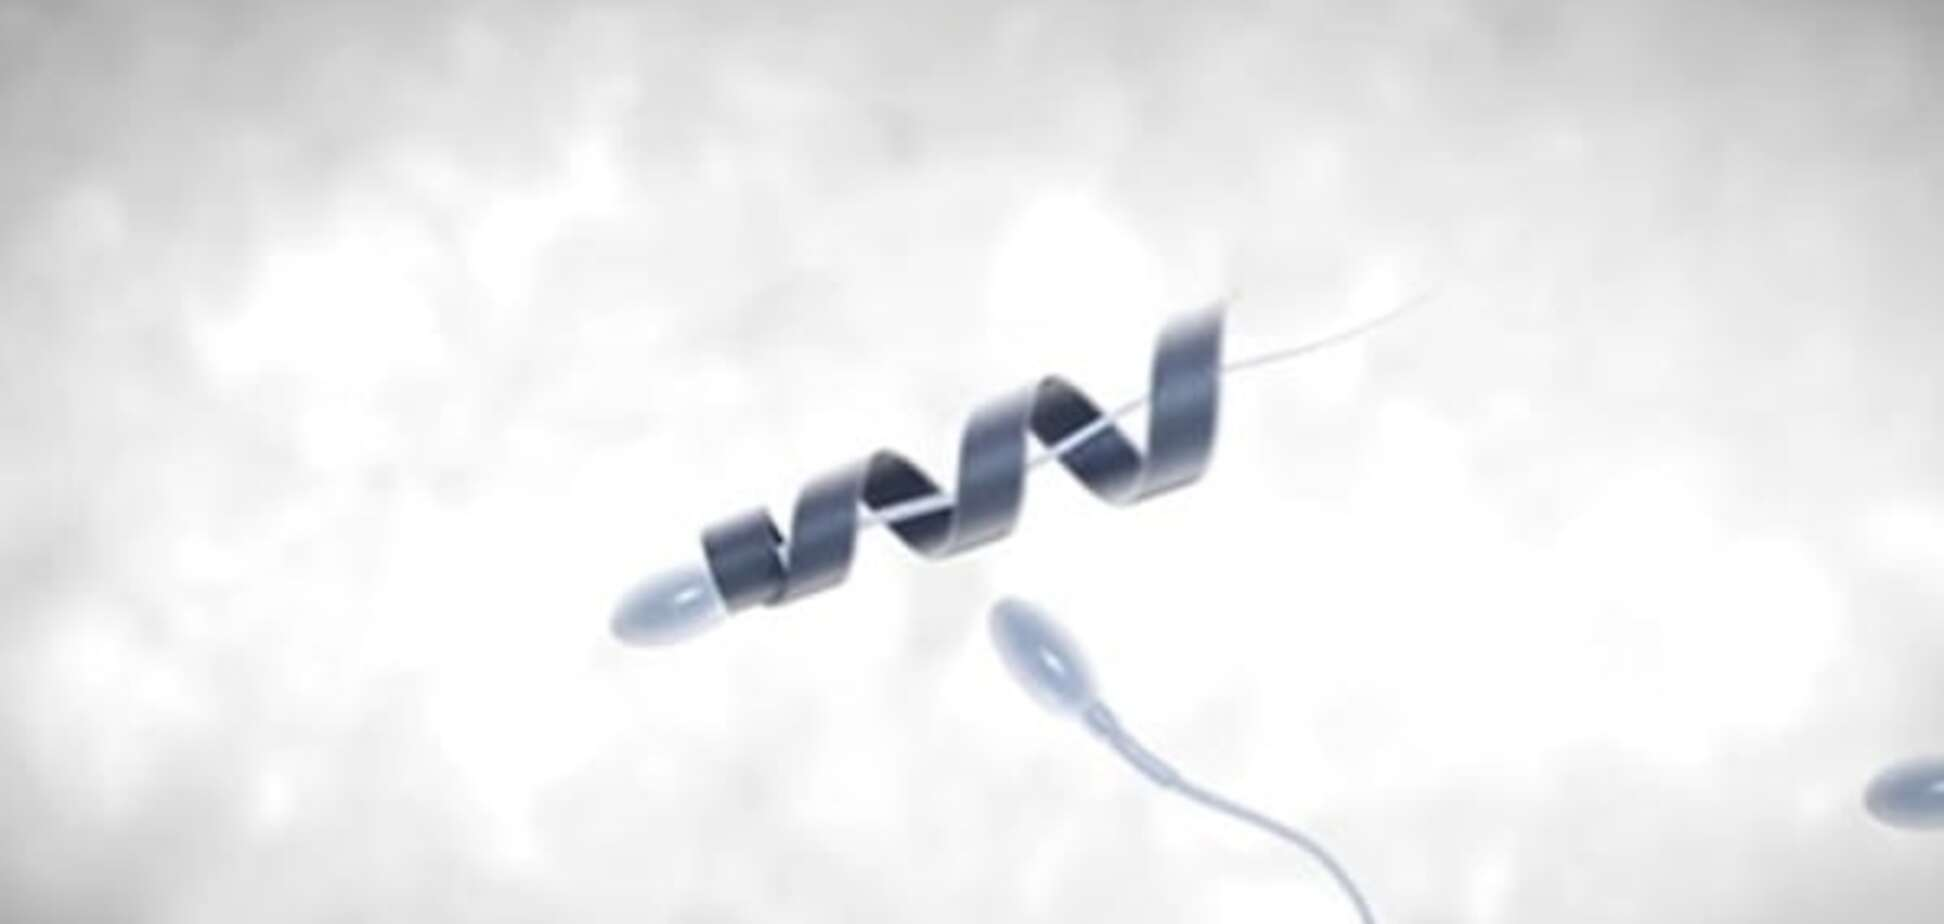 Роботы помогли ученым победить мужское бесплодие: видеофакт